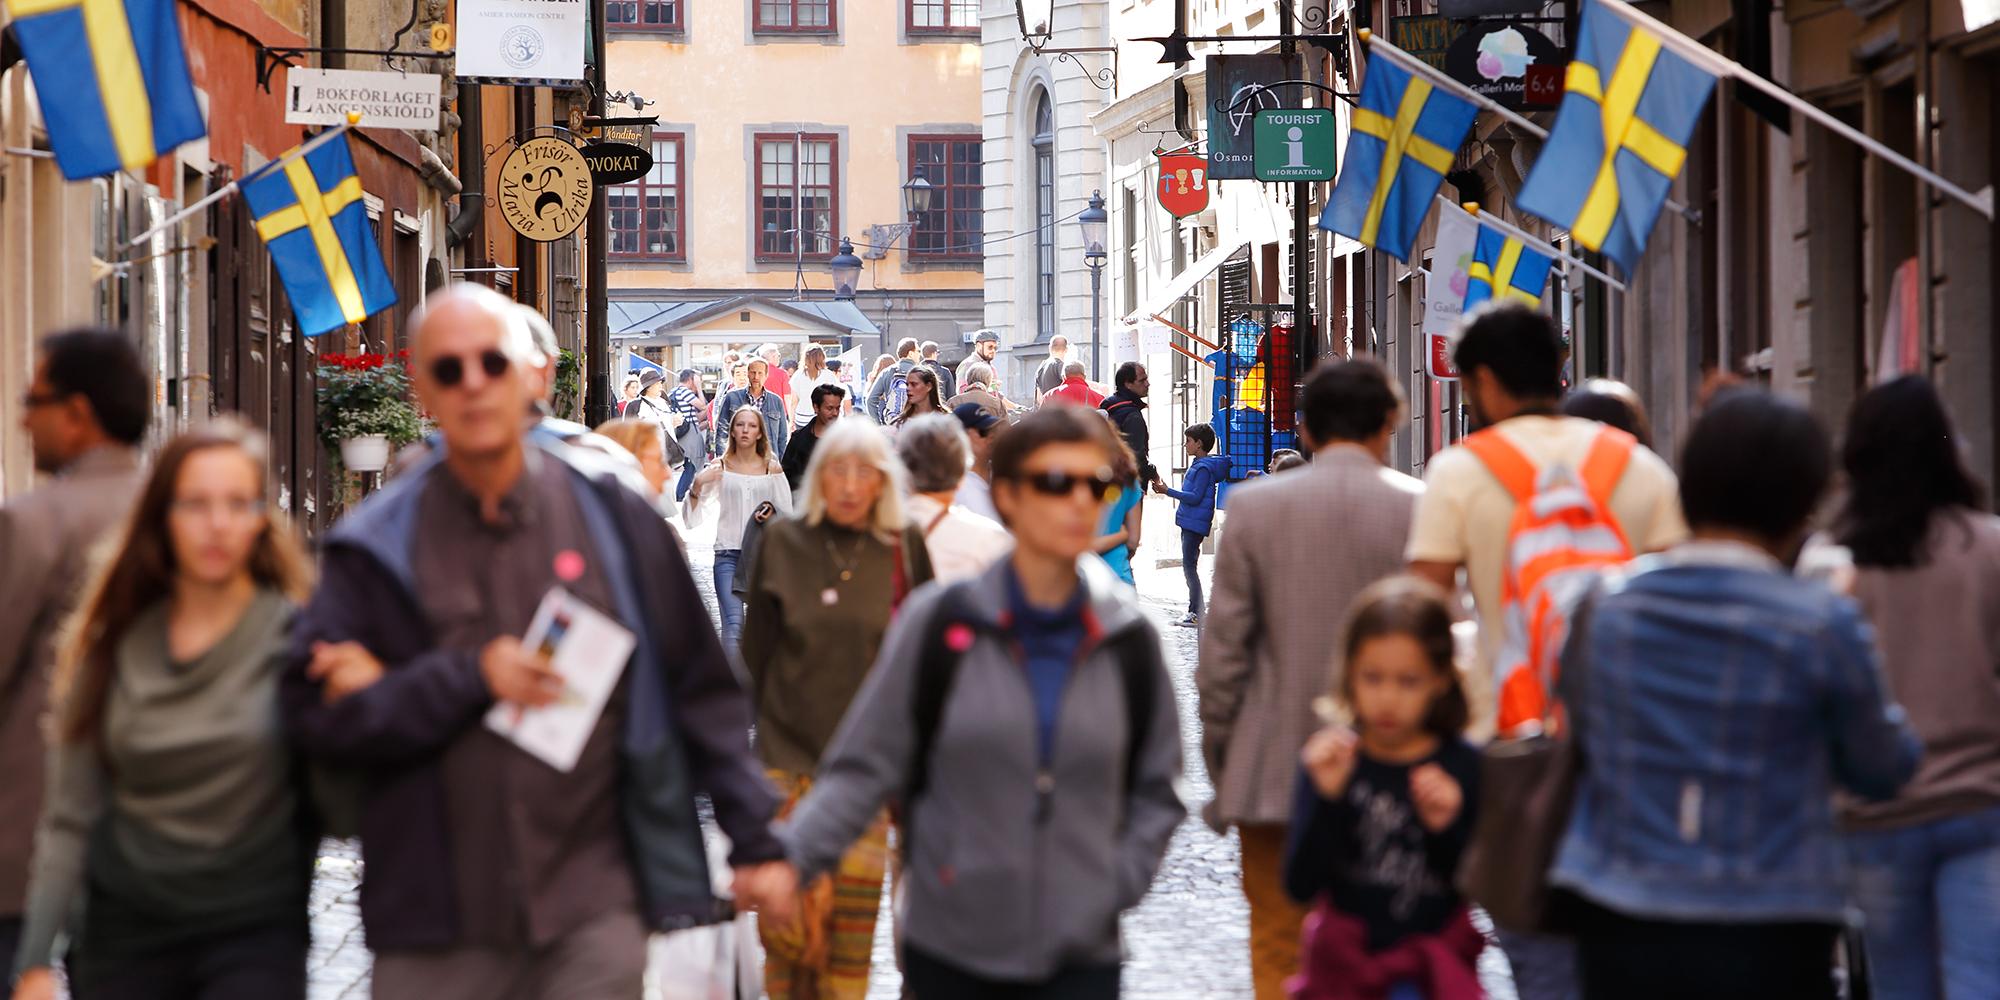 3_stockholm_2000х1000.jpg